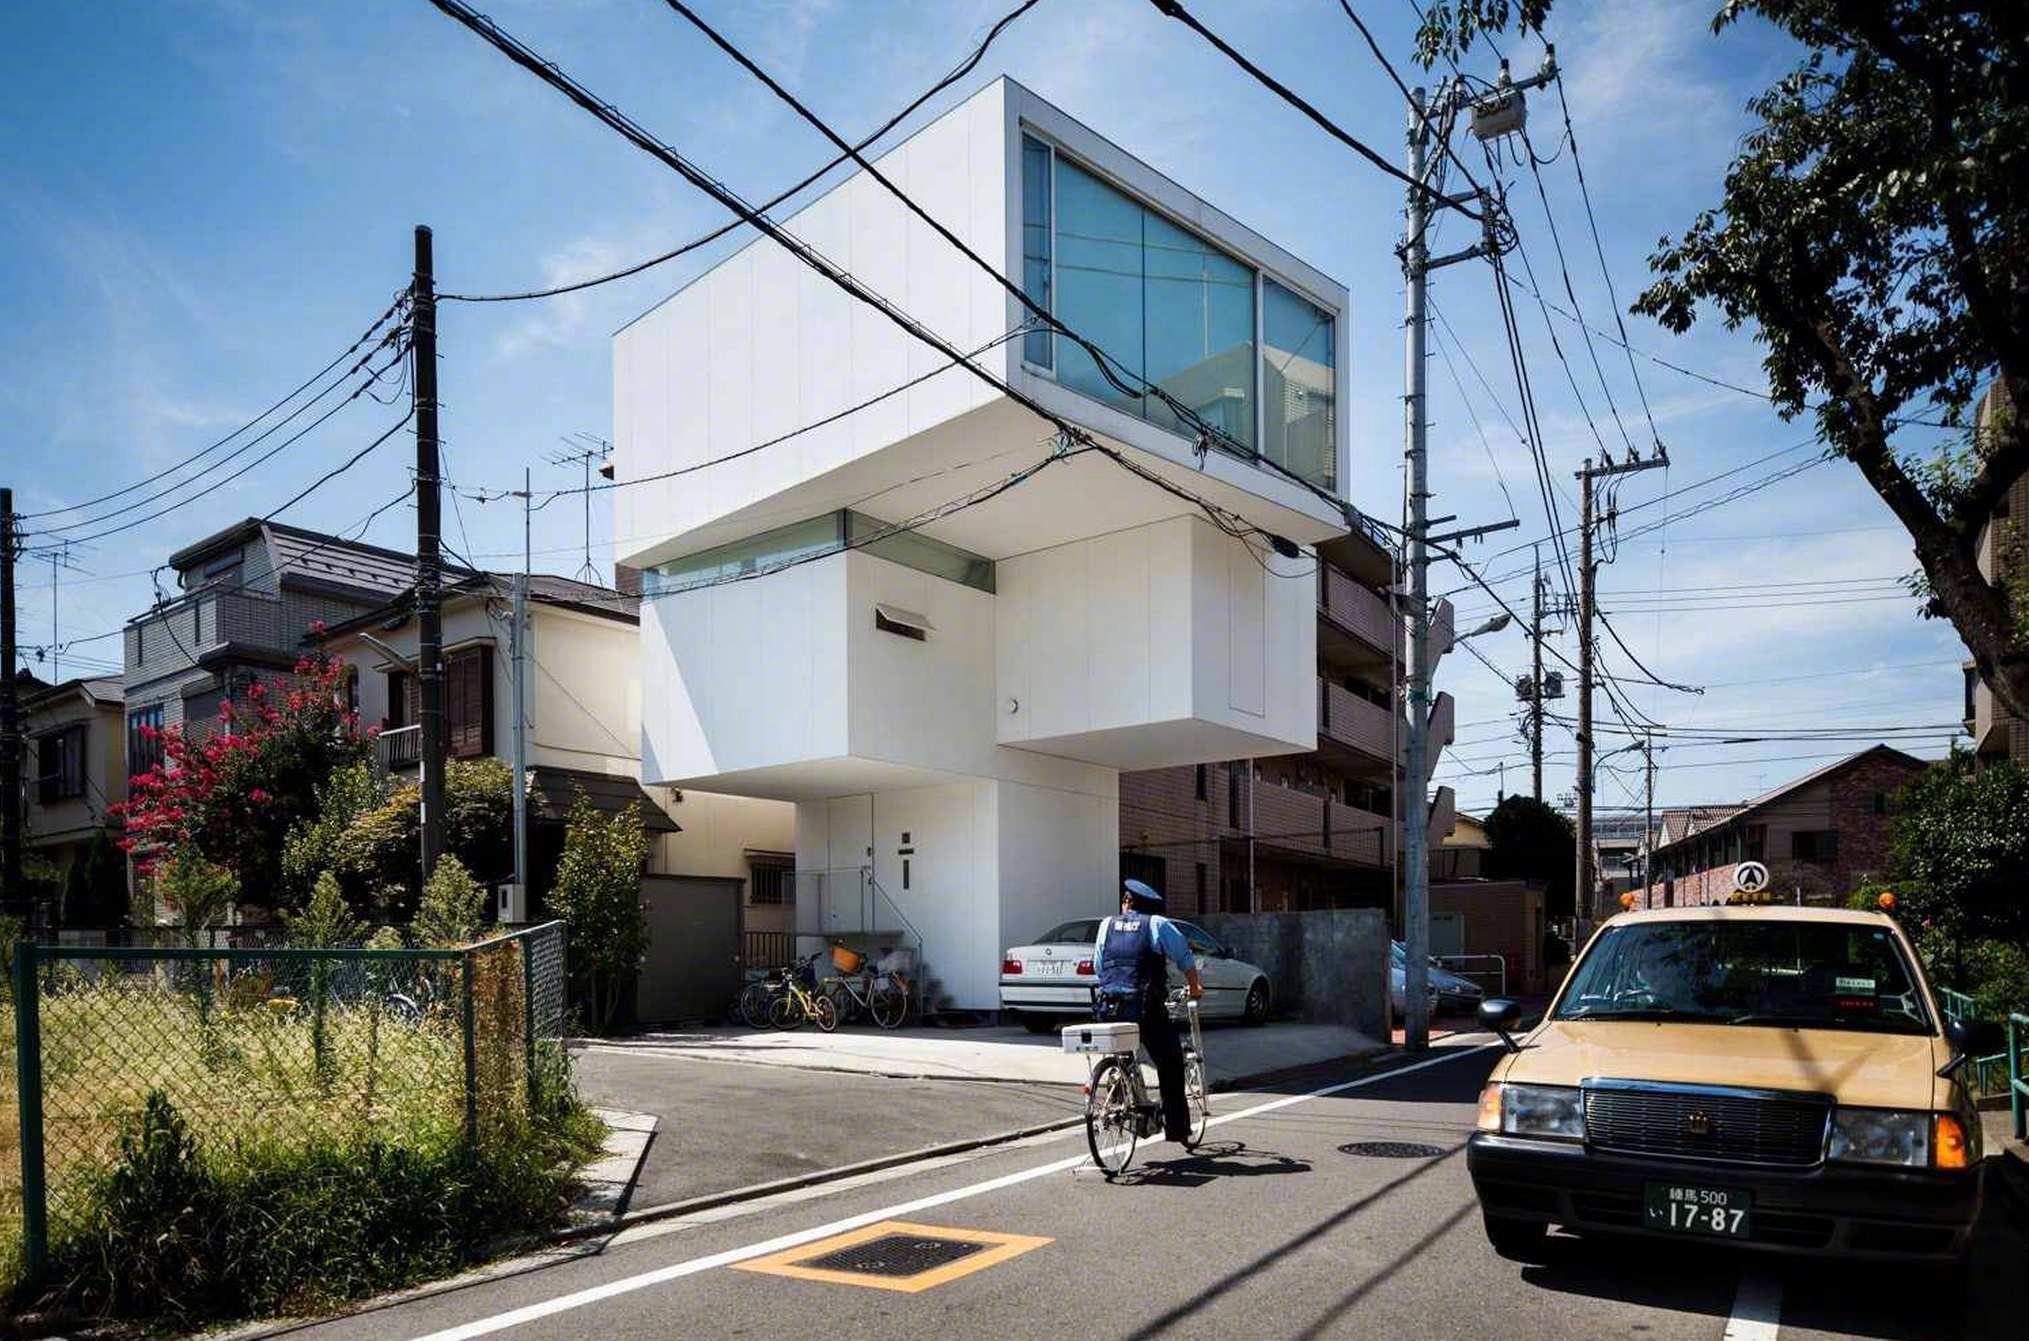 日本首都圈新房价格逼近30年来最高位日本首都圈新房单套均价380万